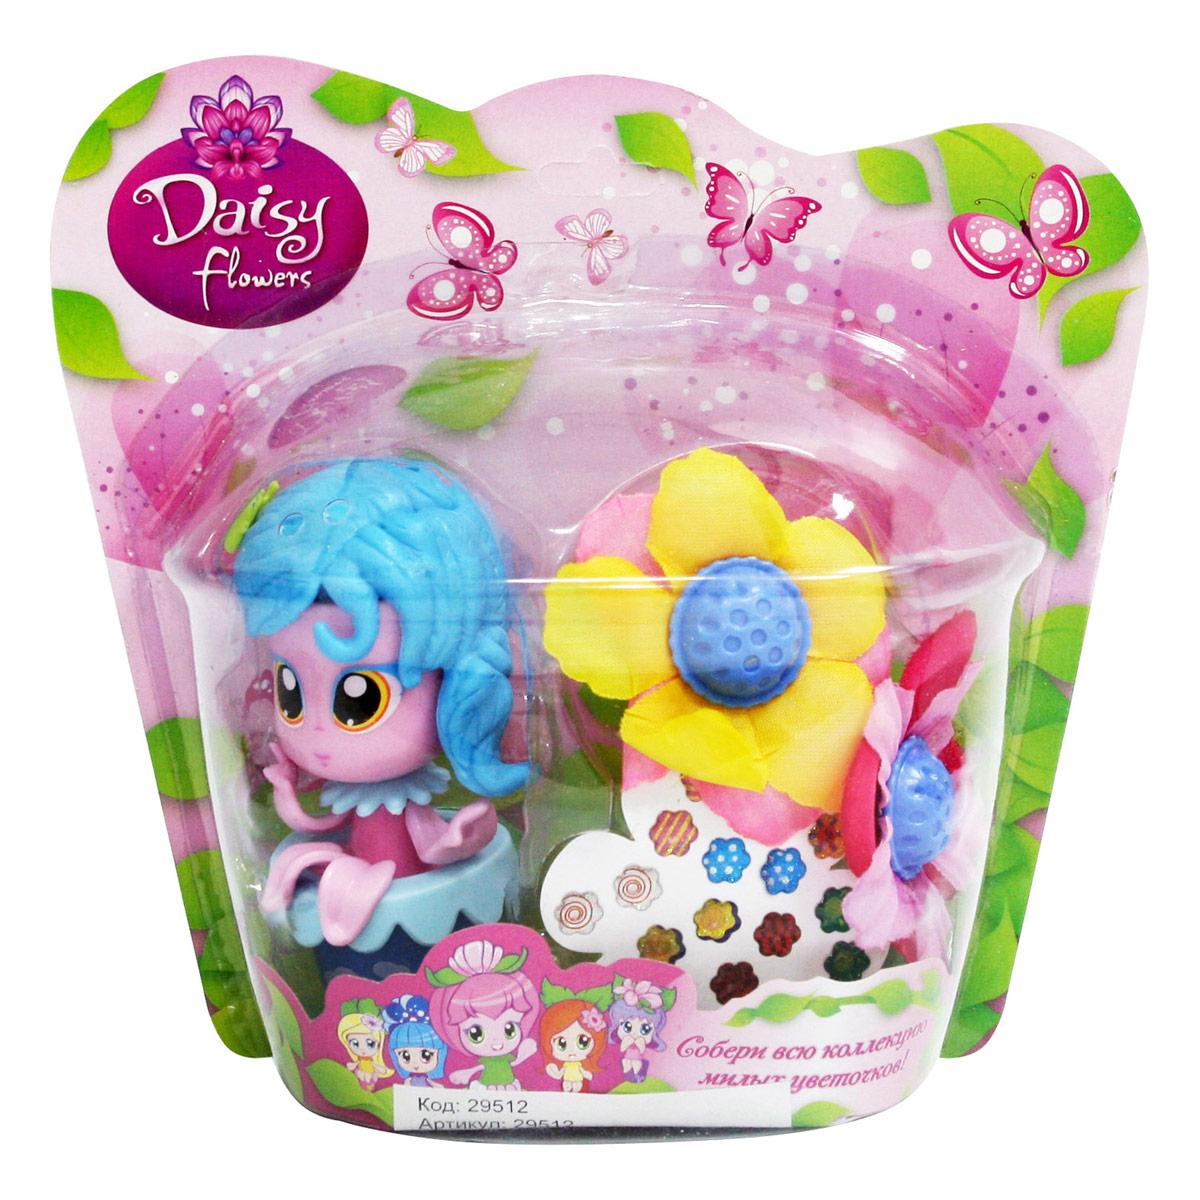 Daisy Мини-кукла Цветочек цвет голубой розовый